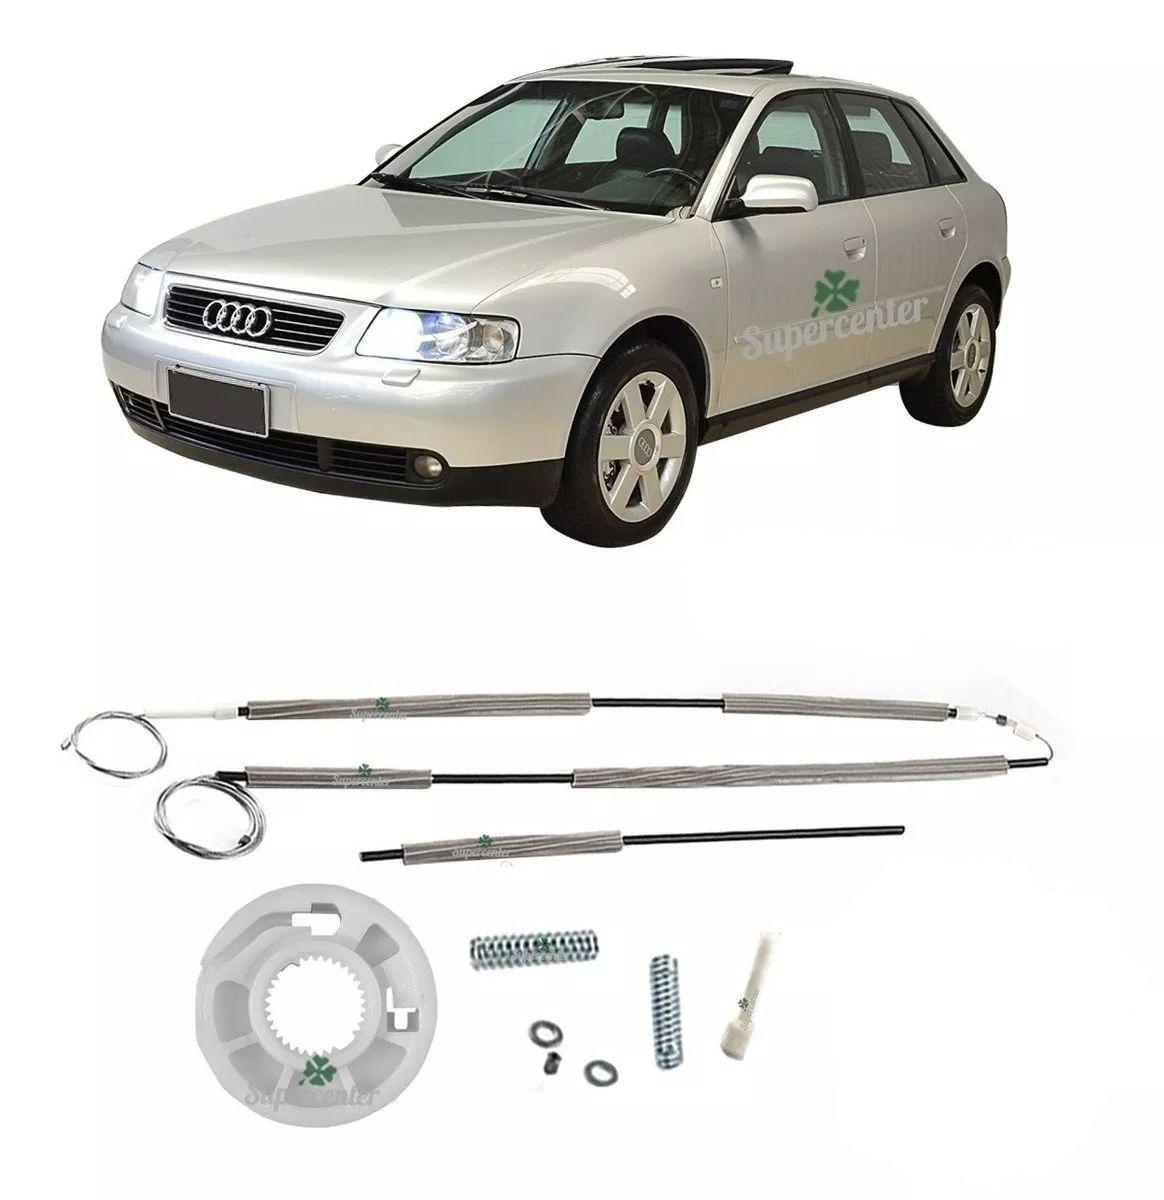 Kit Reparo Máquina Vidro Elétrico Dianteiro Audi A3 4 Portas